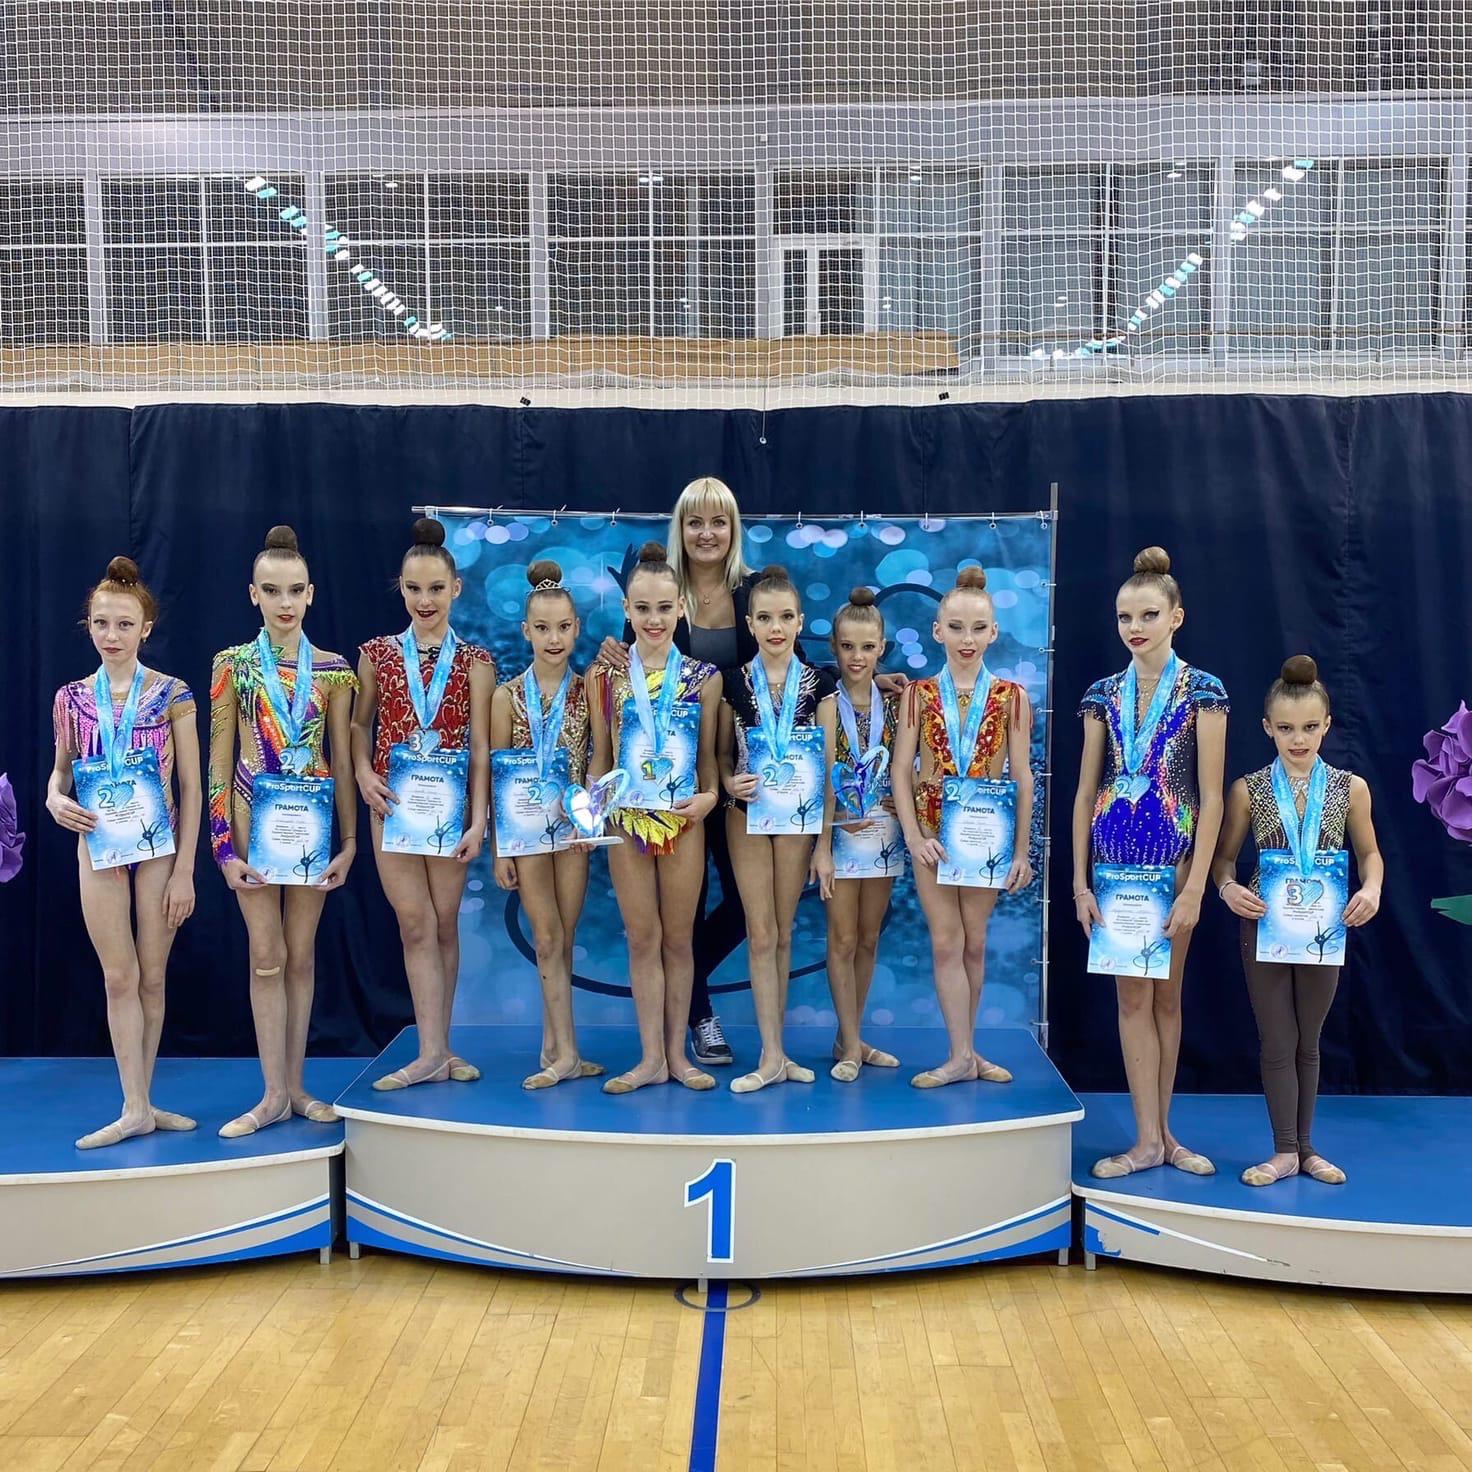 10 октября в г. Одинцово прошёл открытый турнир по художественной гимнастике «ProSport Cup».